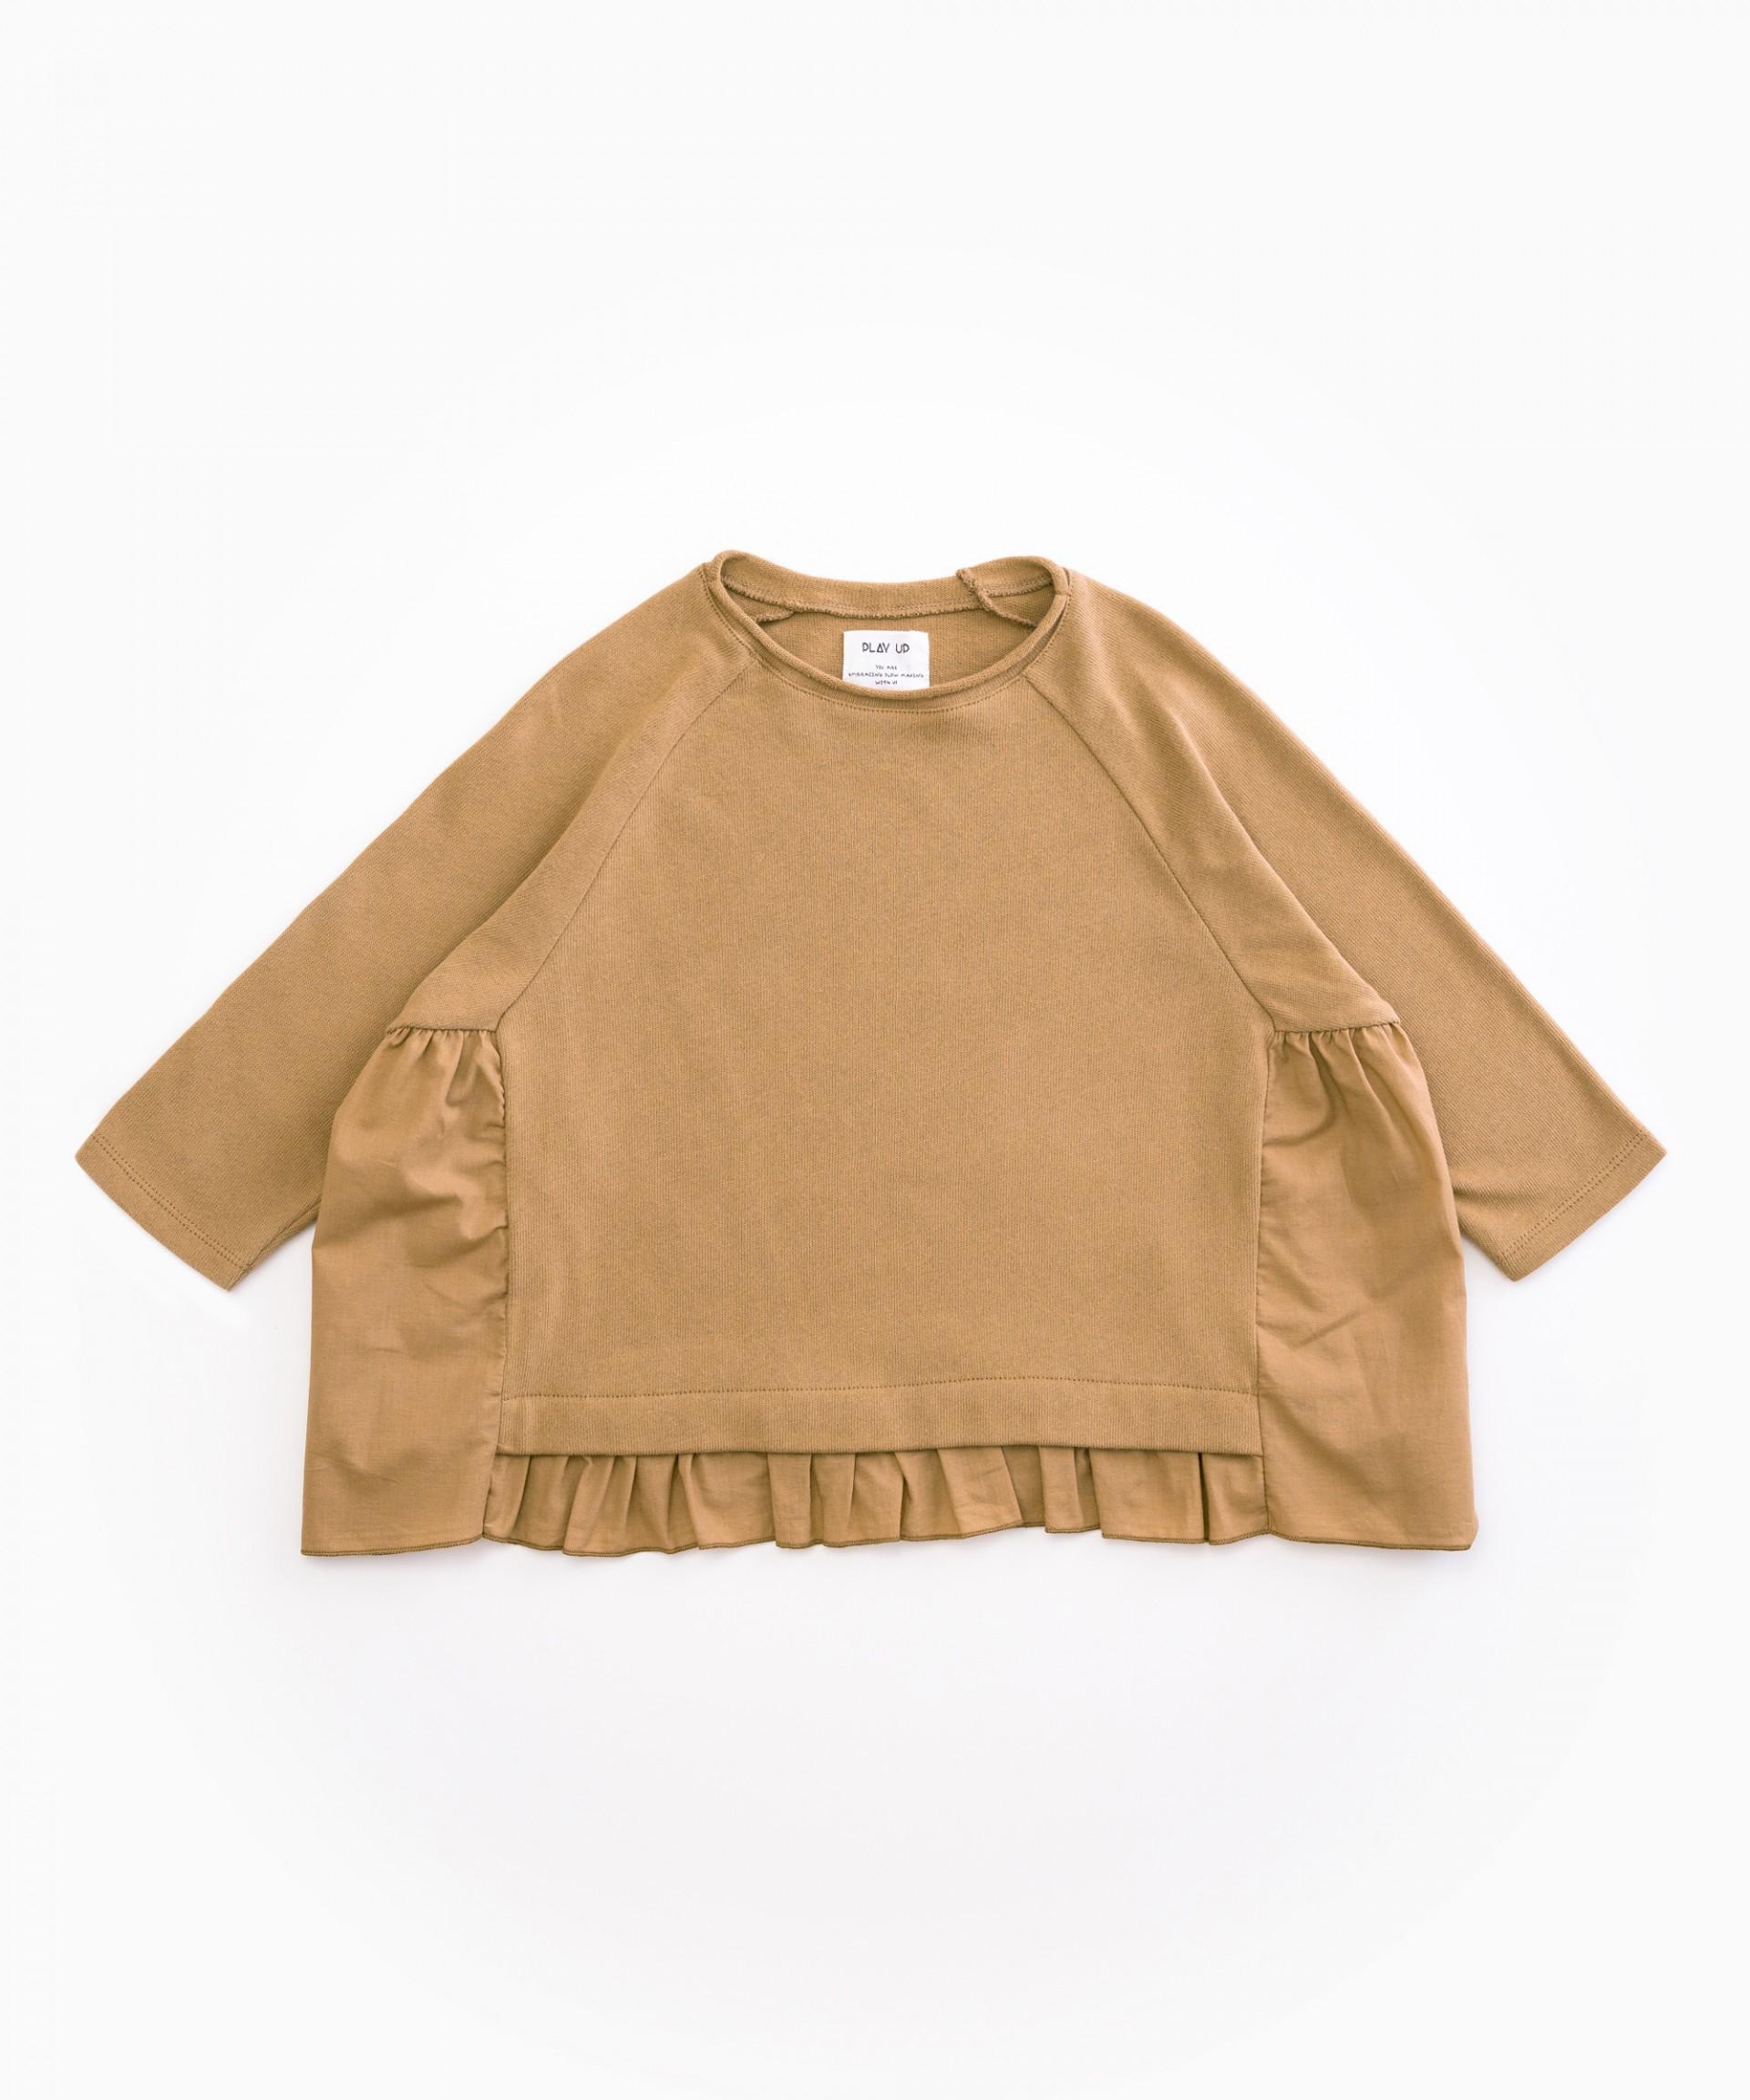 Camisola larga em algodão orgânico | Woodwork